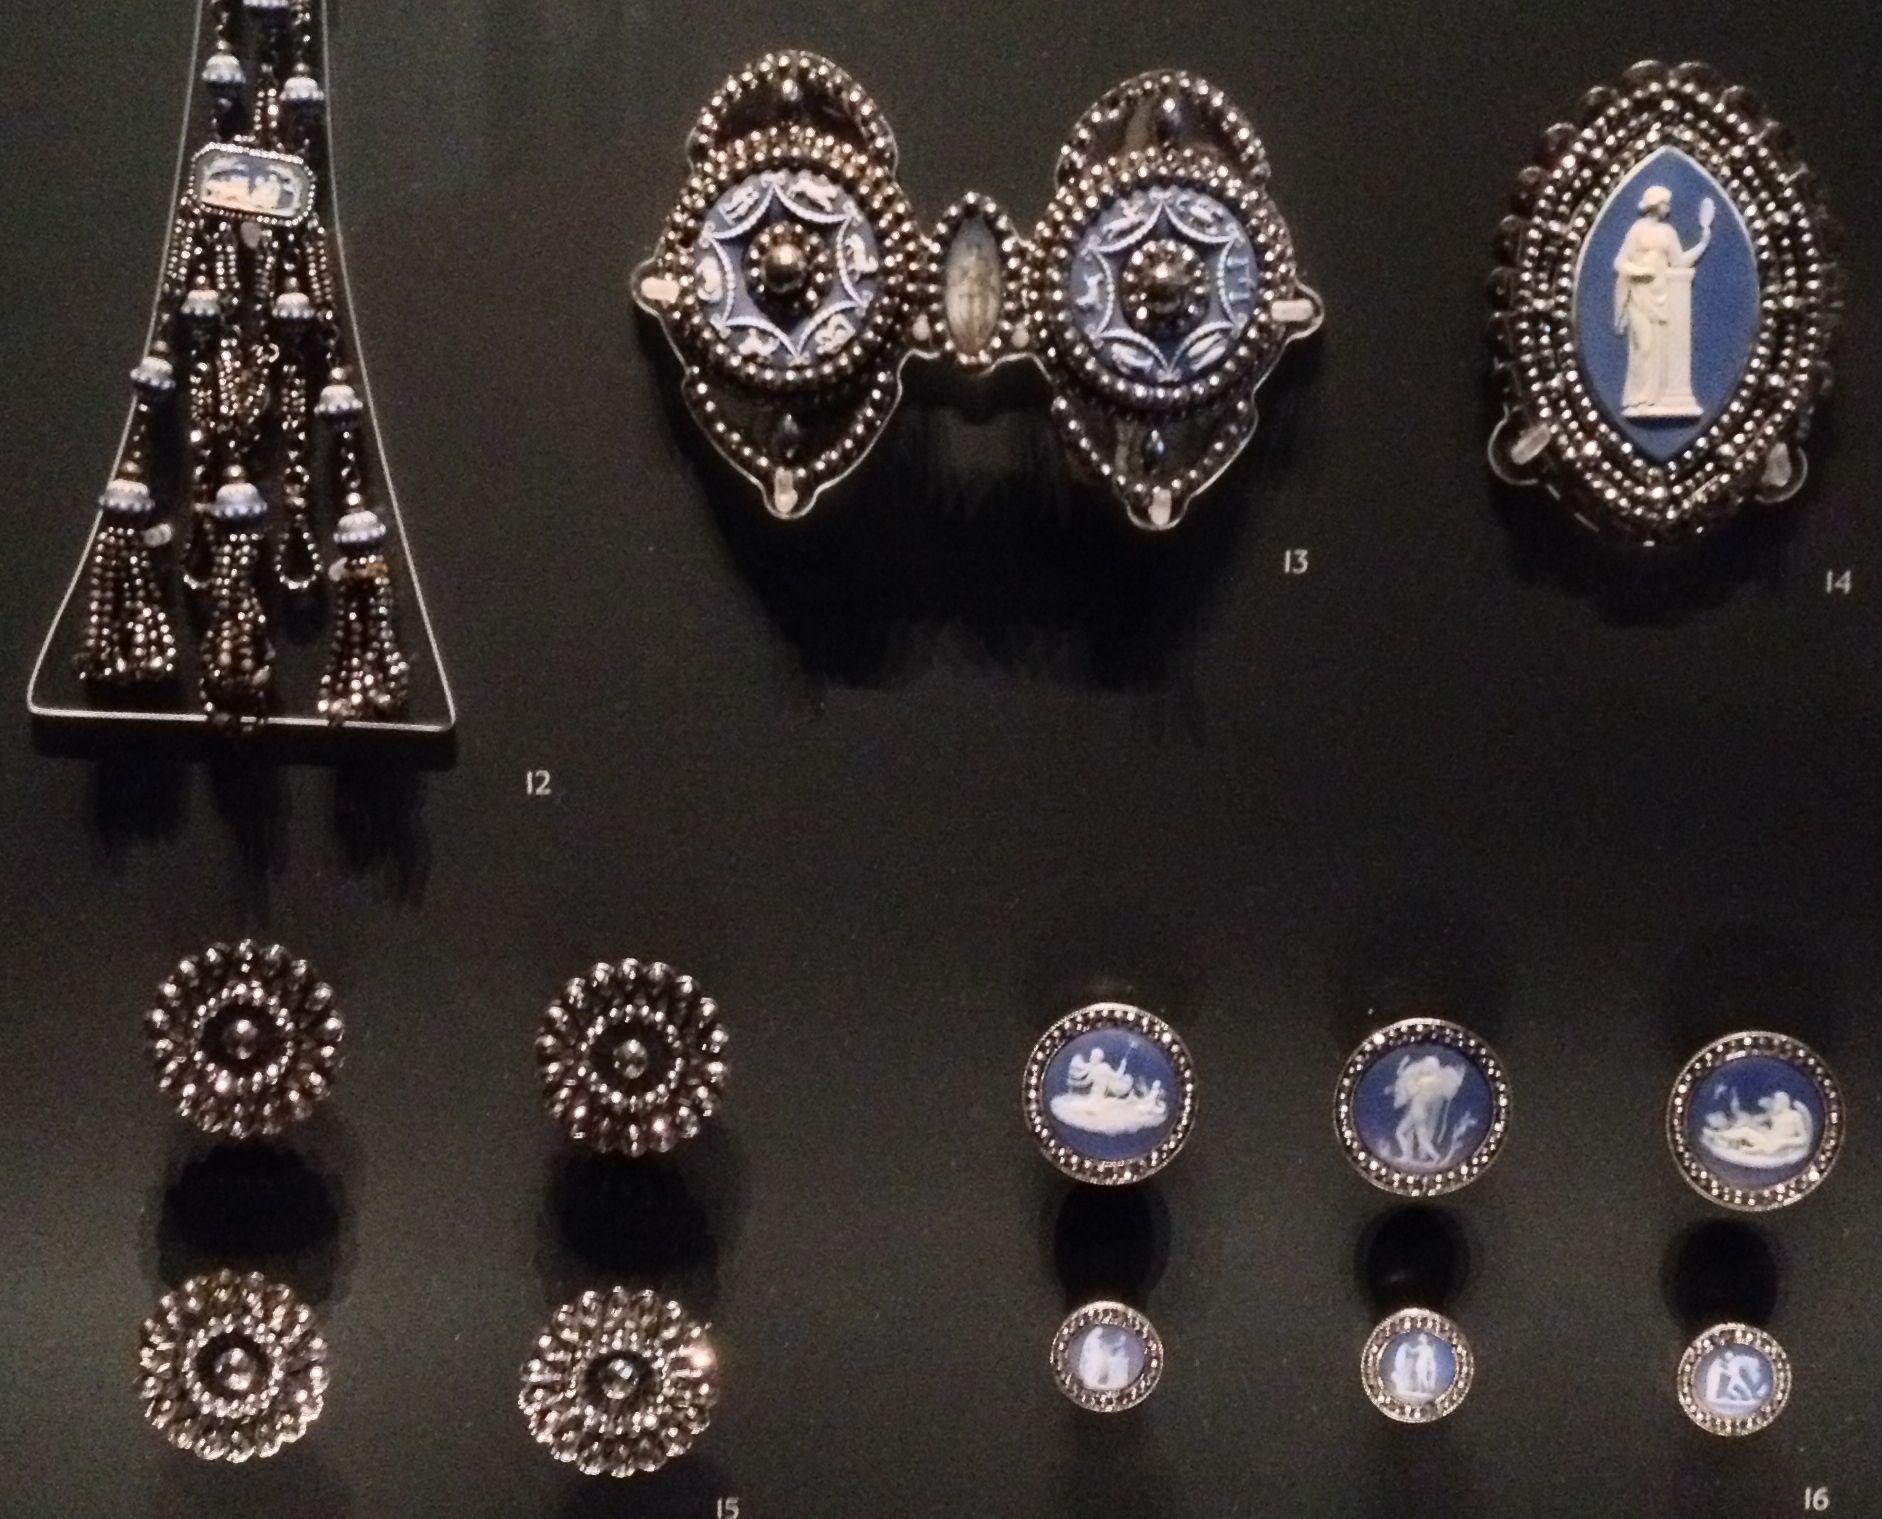 Regency era buttons